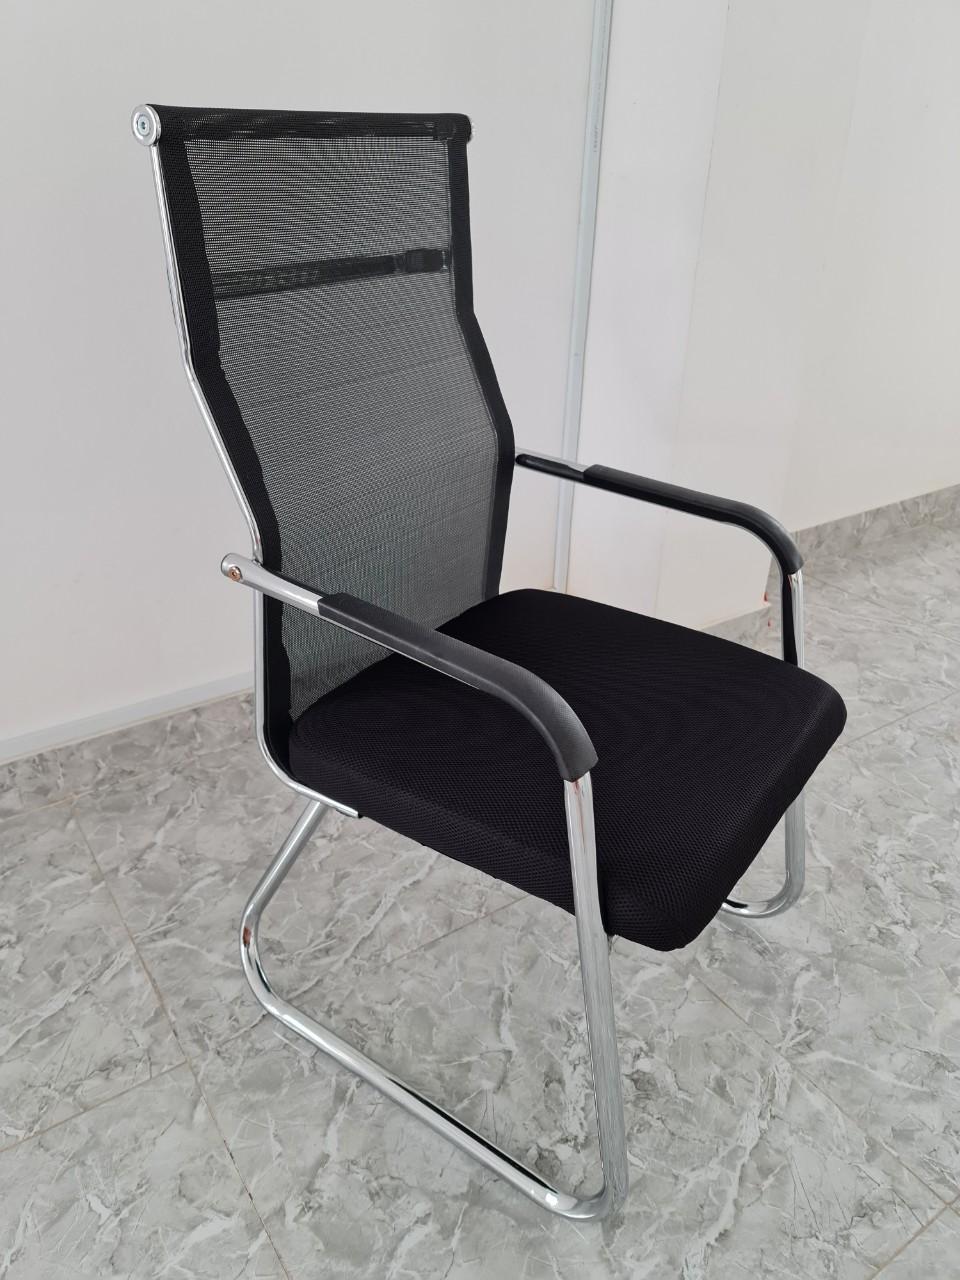 Ghế lưới chân quỳ lưng cao giá rẻ : KG – 717